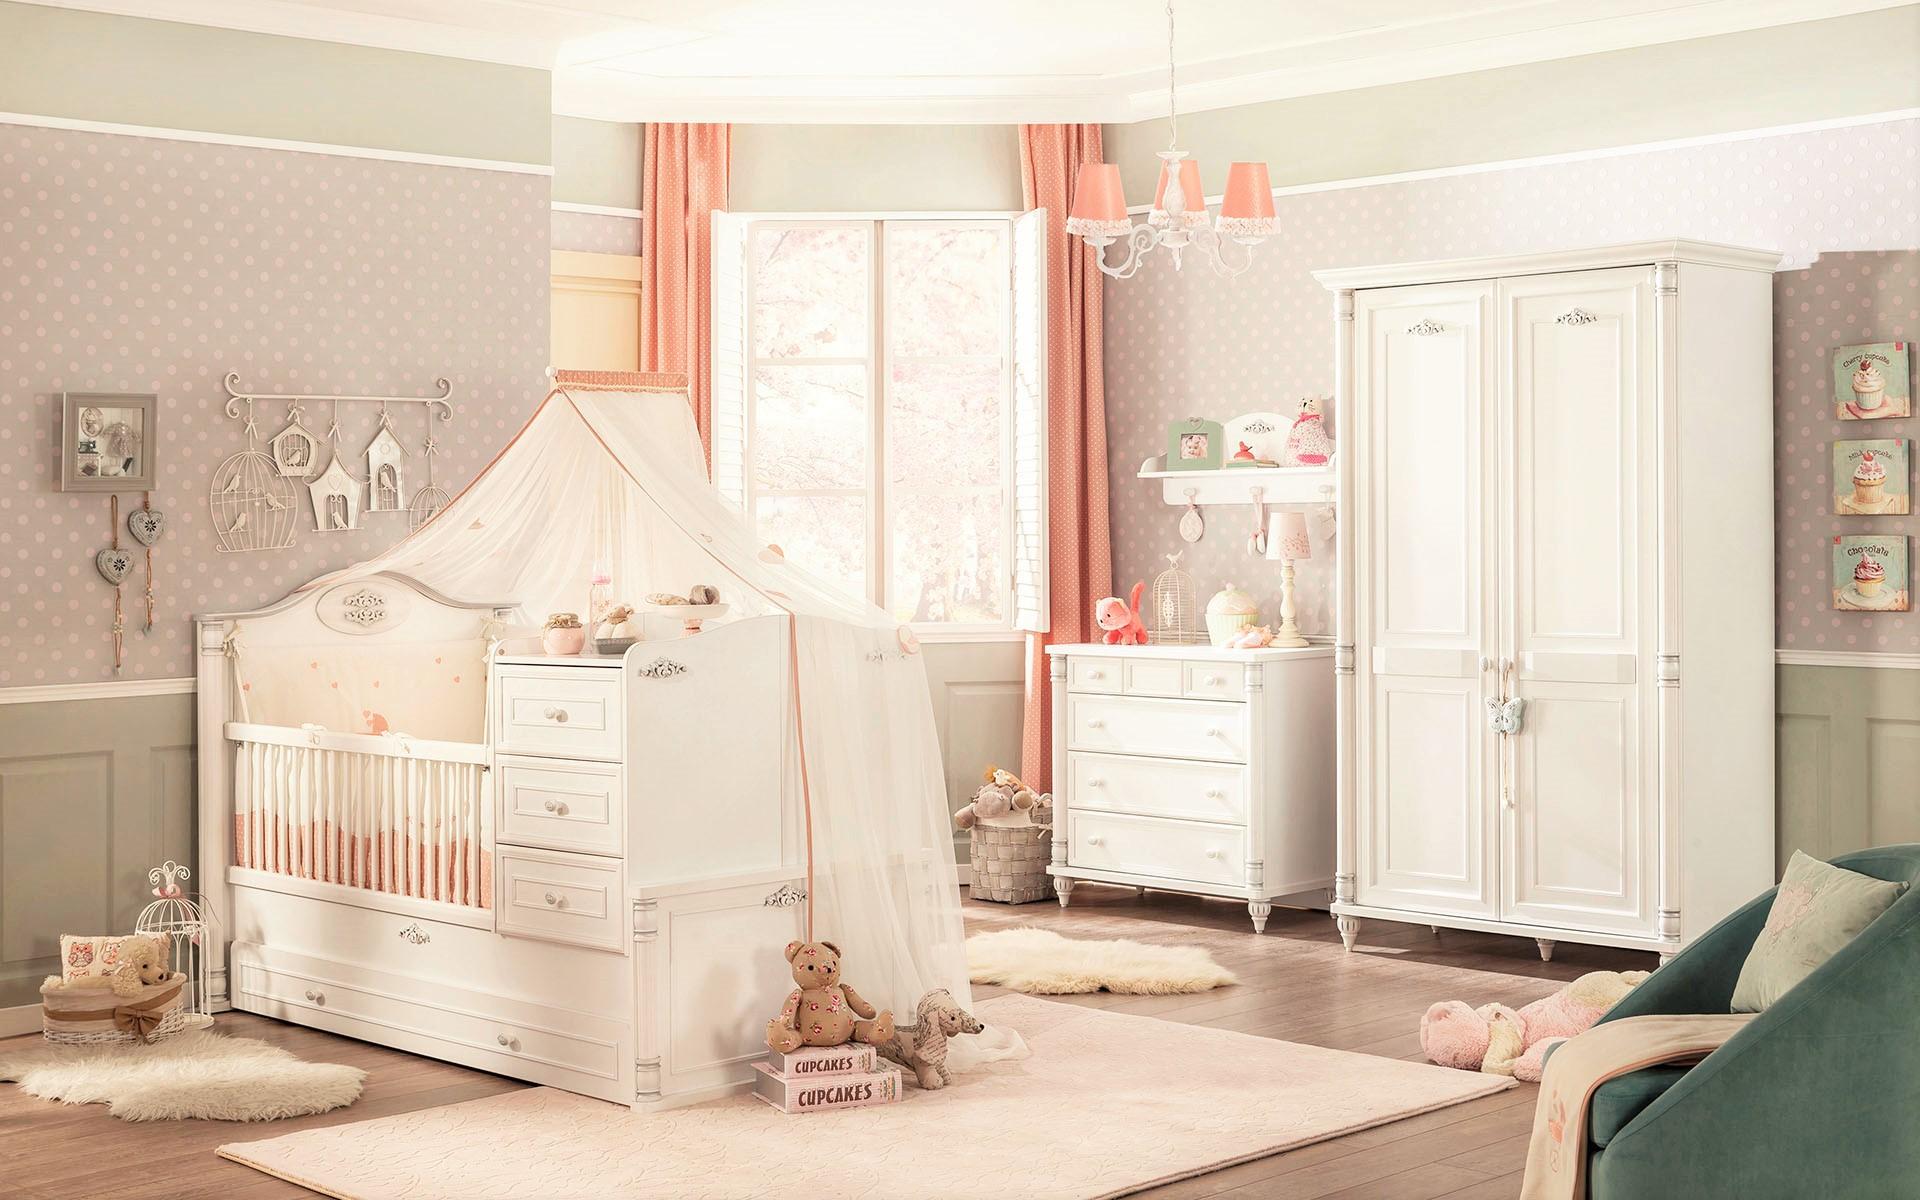 Kinderkamer ontwerp kleuter - Decoratie kamer slapen schilderij ...